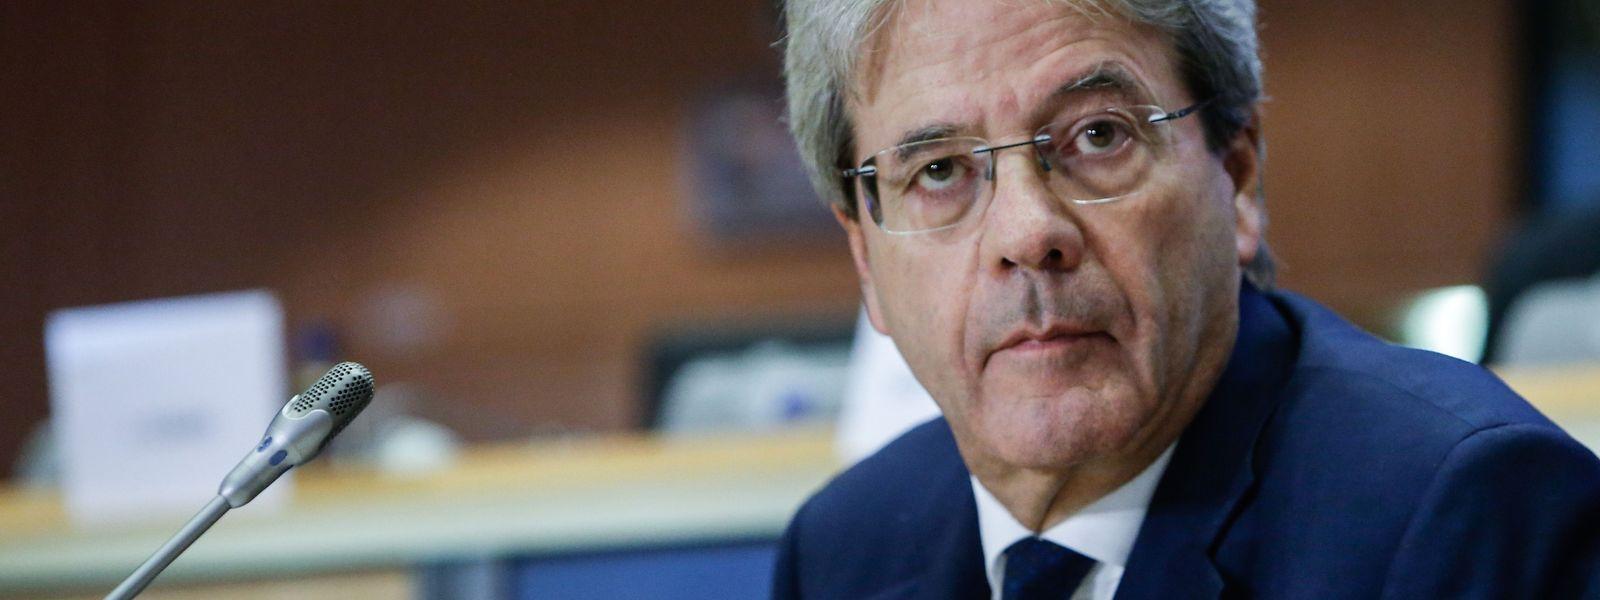 Paolo Gentiloni will mehr Mehrheitsentscheidungen in der EU-Steuerpolitik.